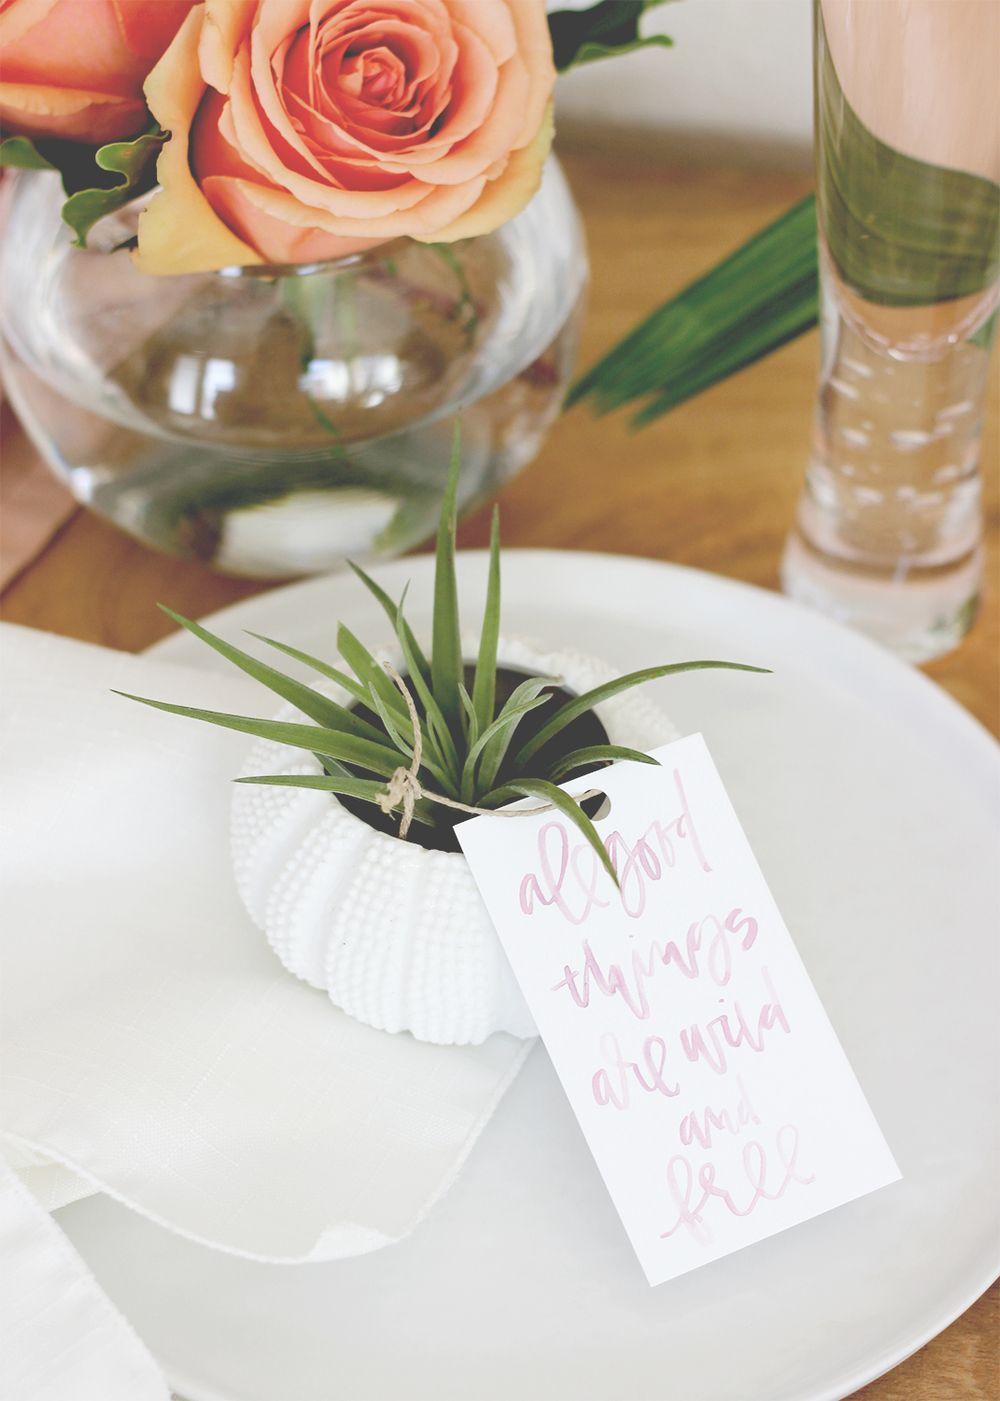 Stylish Bachelorette Party Favors Under $5 | Plant wedding favors ...